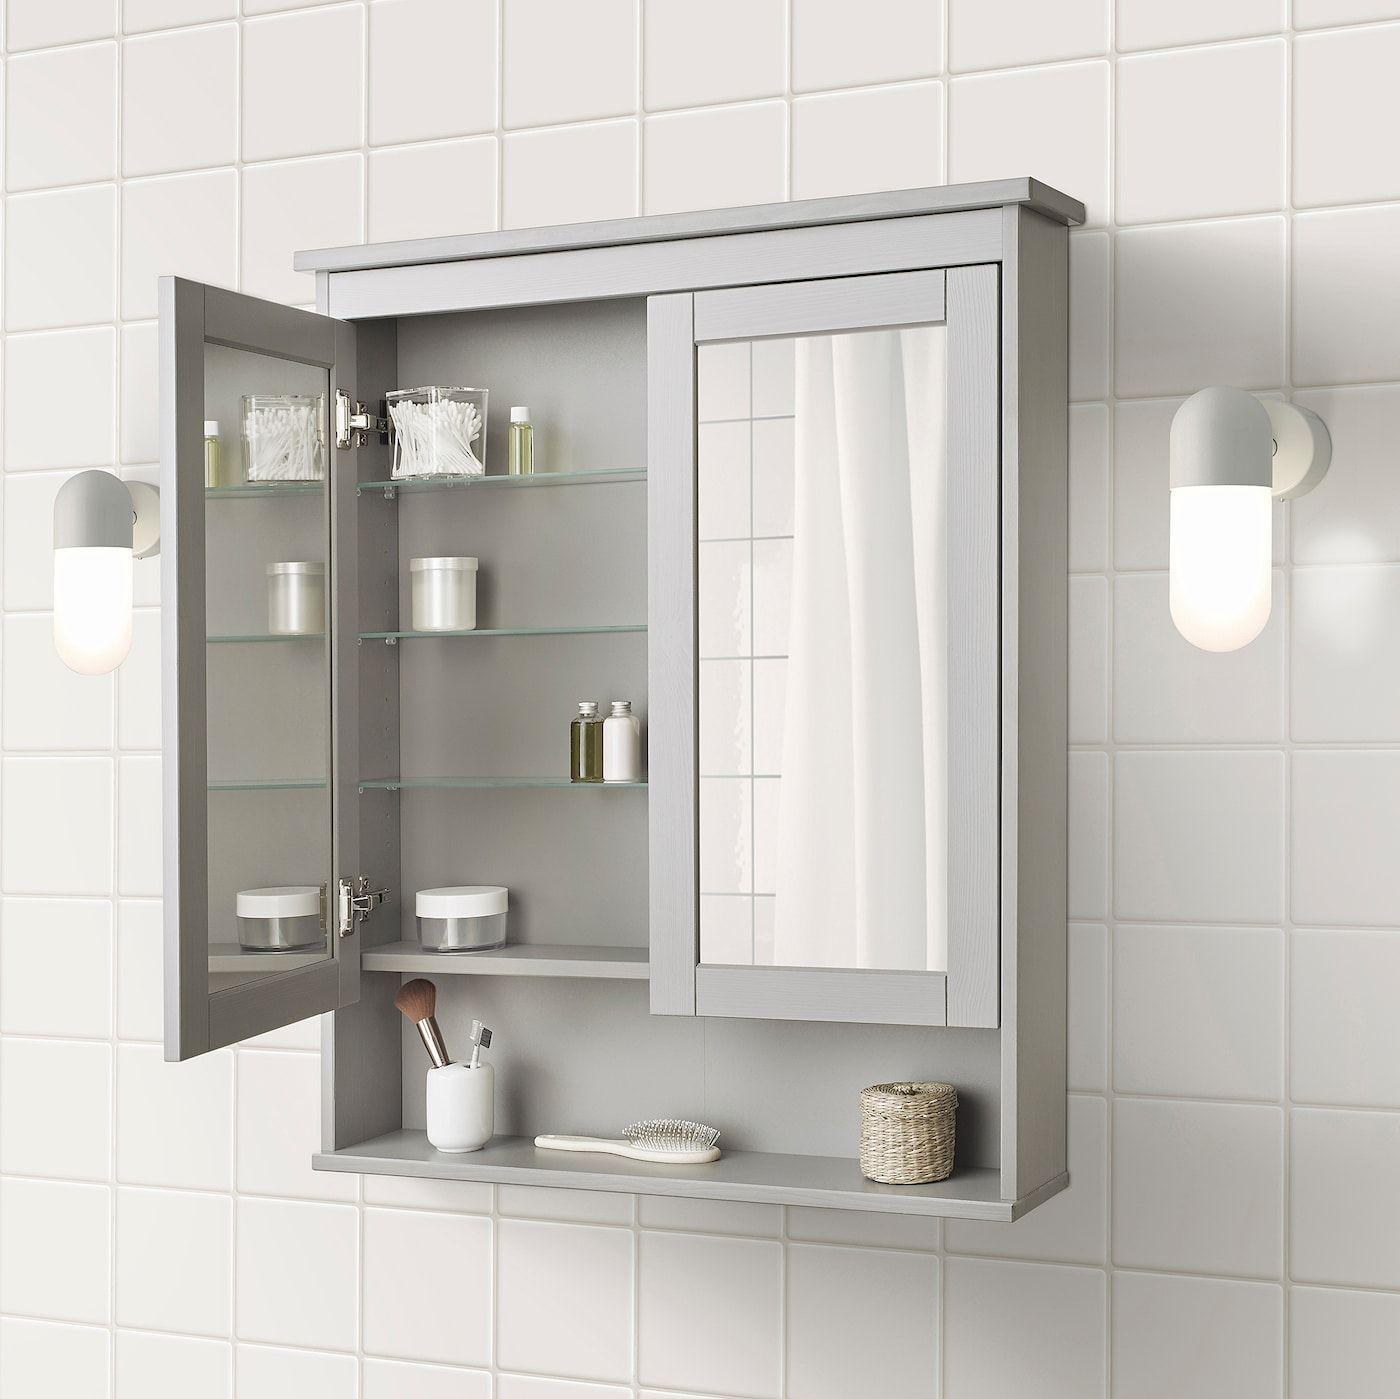 Hemnes Mirror Cabinet With 2 Doors Gray Shop Ikea Ca Ikea In 2020 Mirror Cabinets Ikea Hemnes Mirror Trendy Bathroom